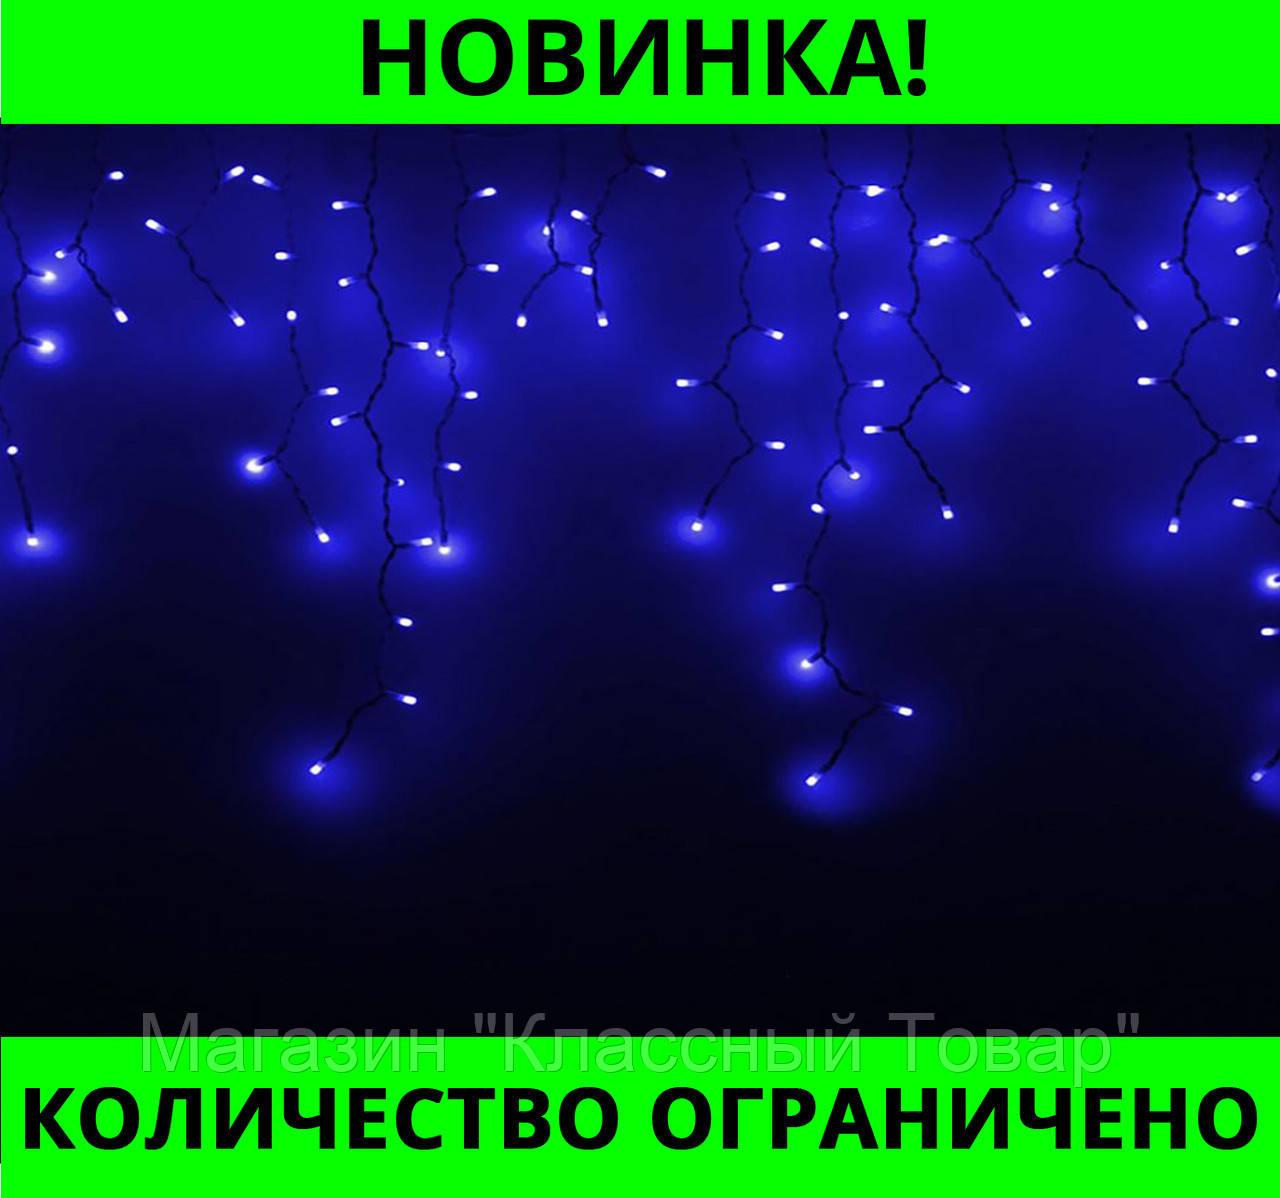 SALE!Гирлянда дождик-бахрома черный провод с вилкой и прозрачной конической лампой 7м 320LED (синий)